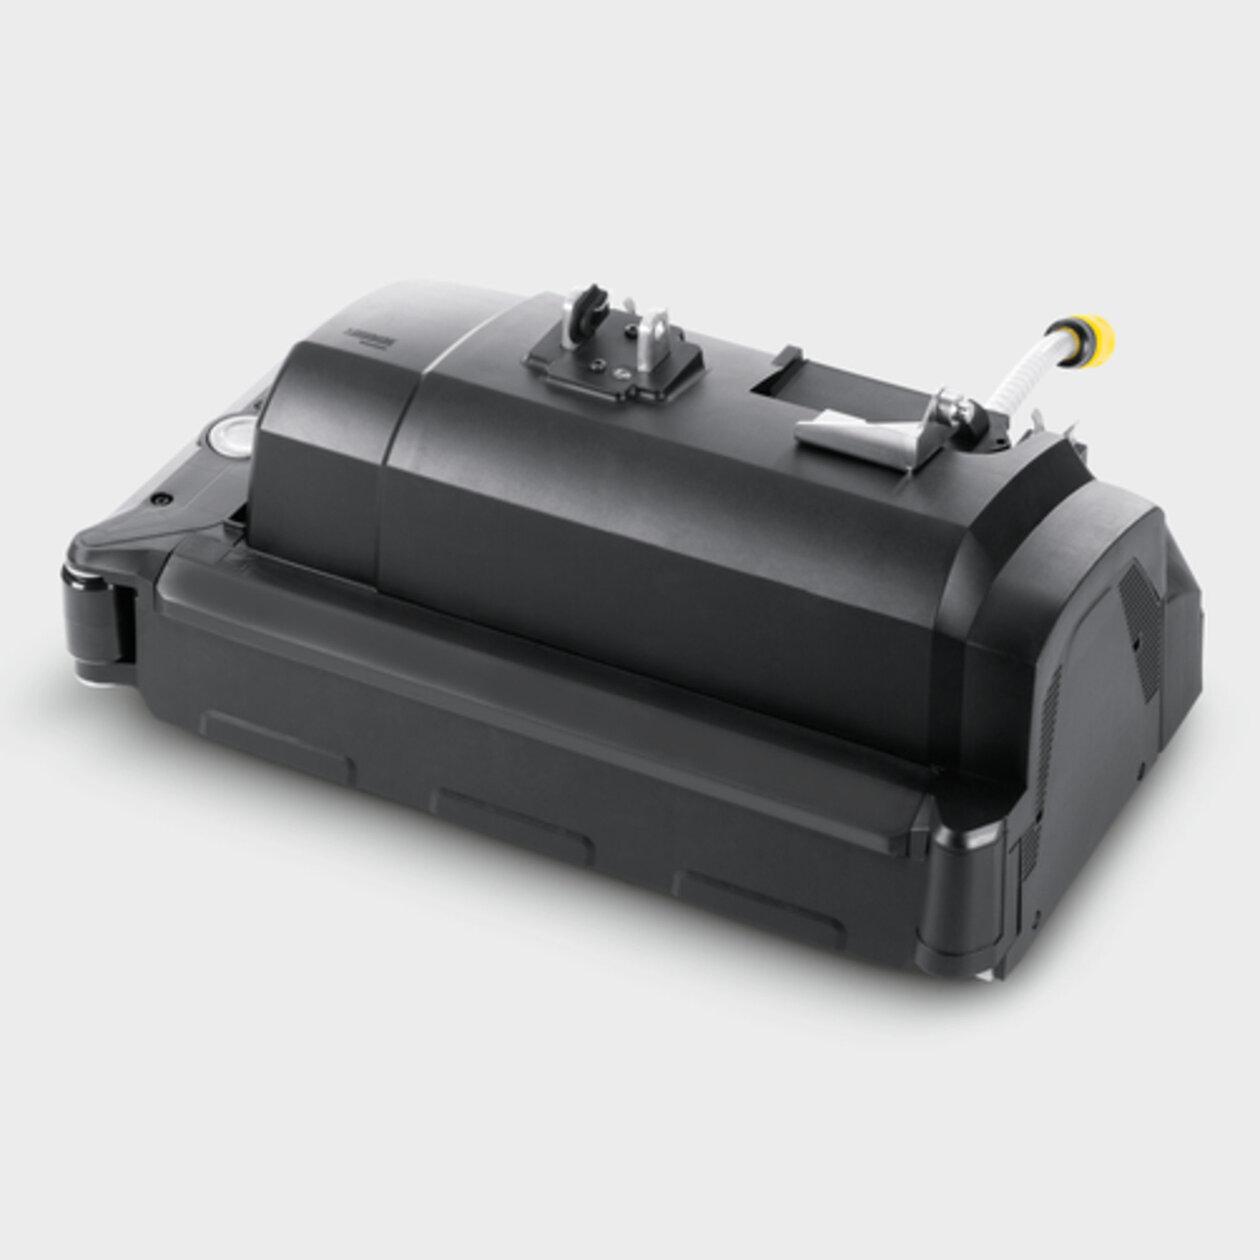 Поломоечная машина B 40 C Ep + R45 + AutoFill: Щеточная головка с роликовыми щетками